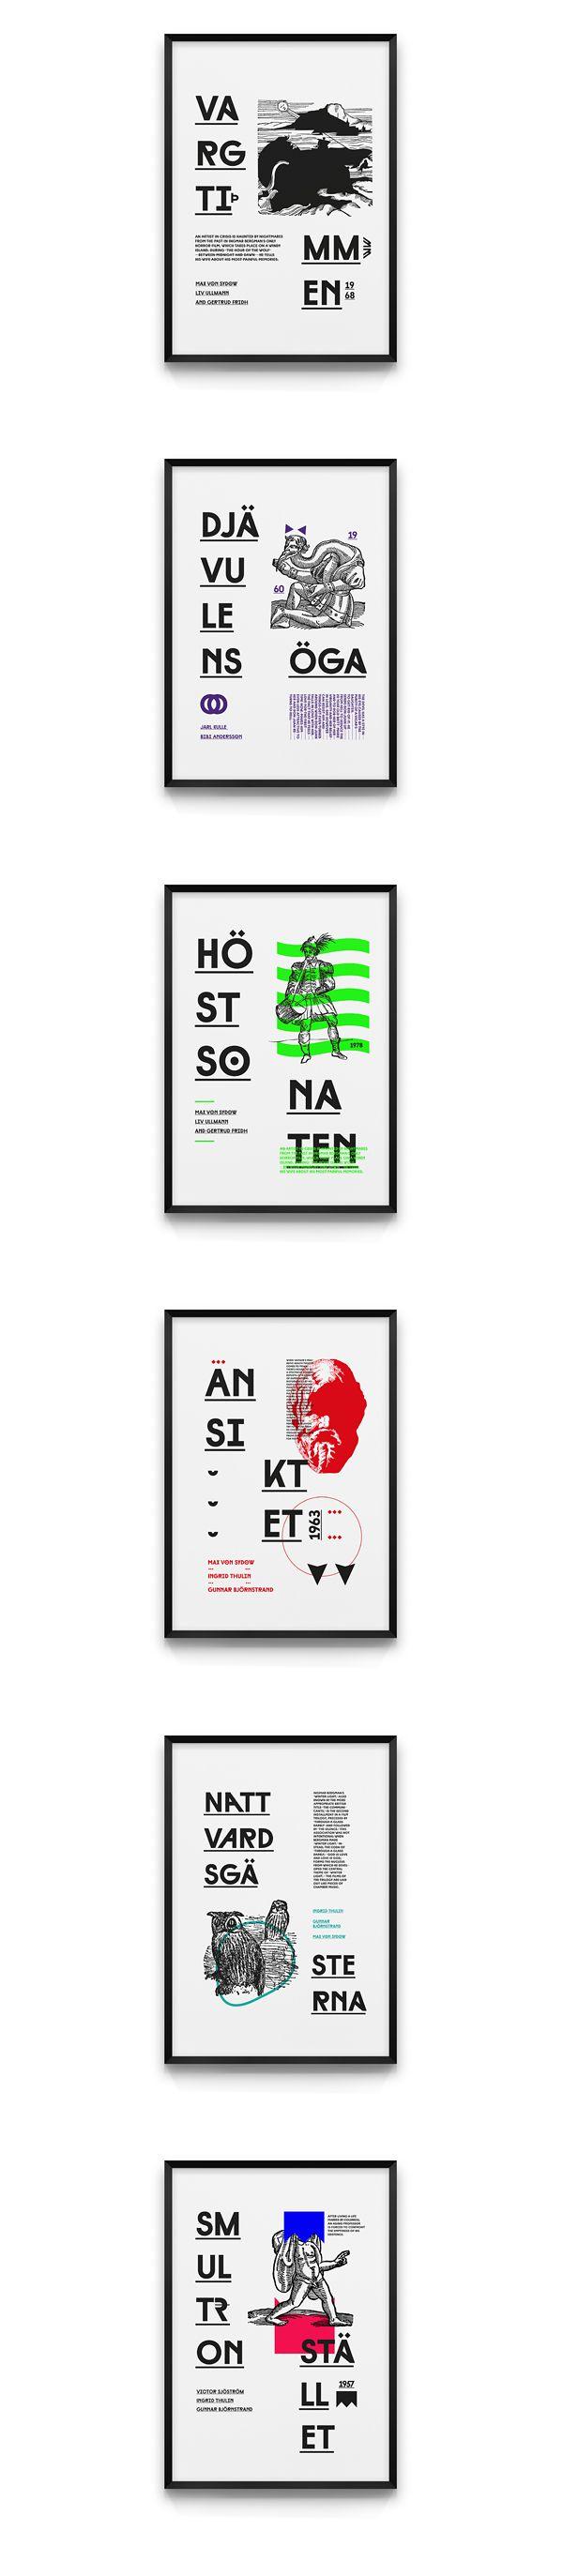 Bergman | Film Posters by Zdunkiewicz , via Behance